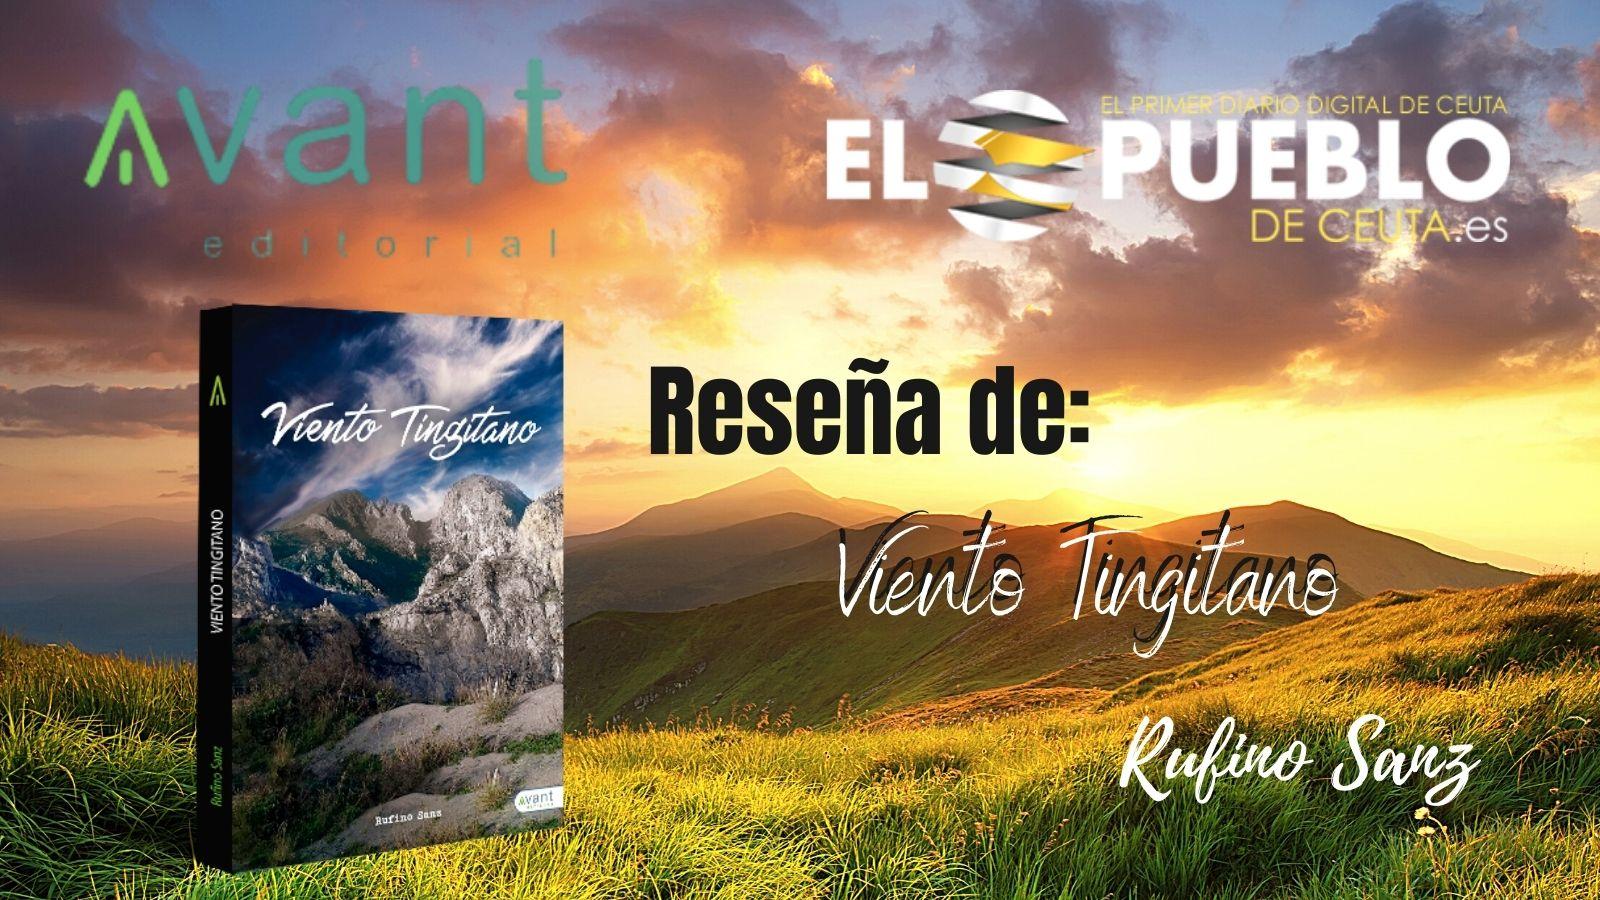 RESEÑA EL PUEBLO DE CEUTA AVANT EDITORIAL